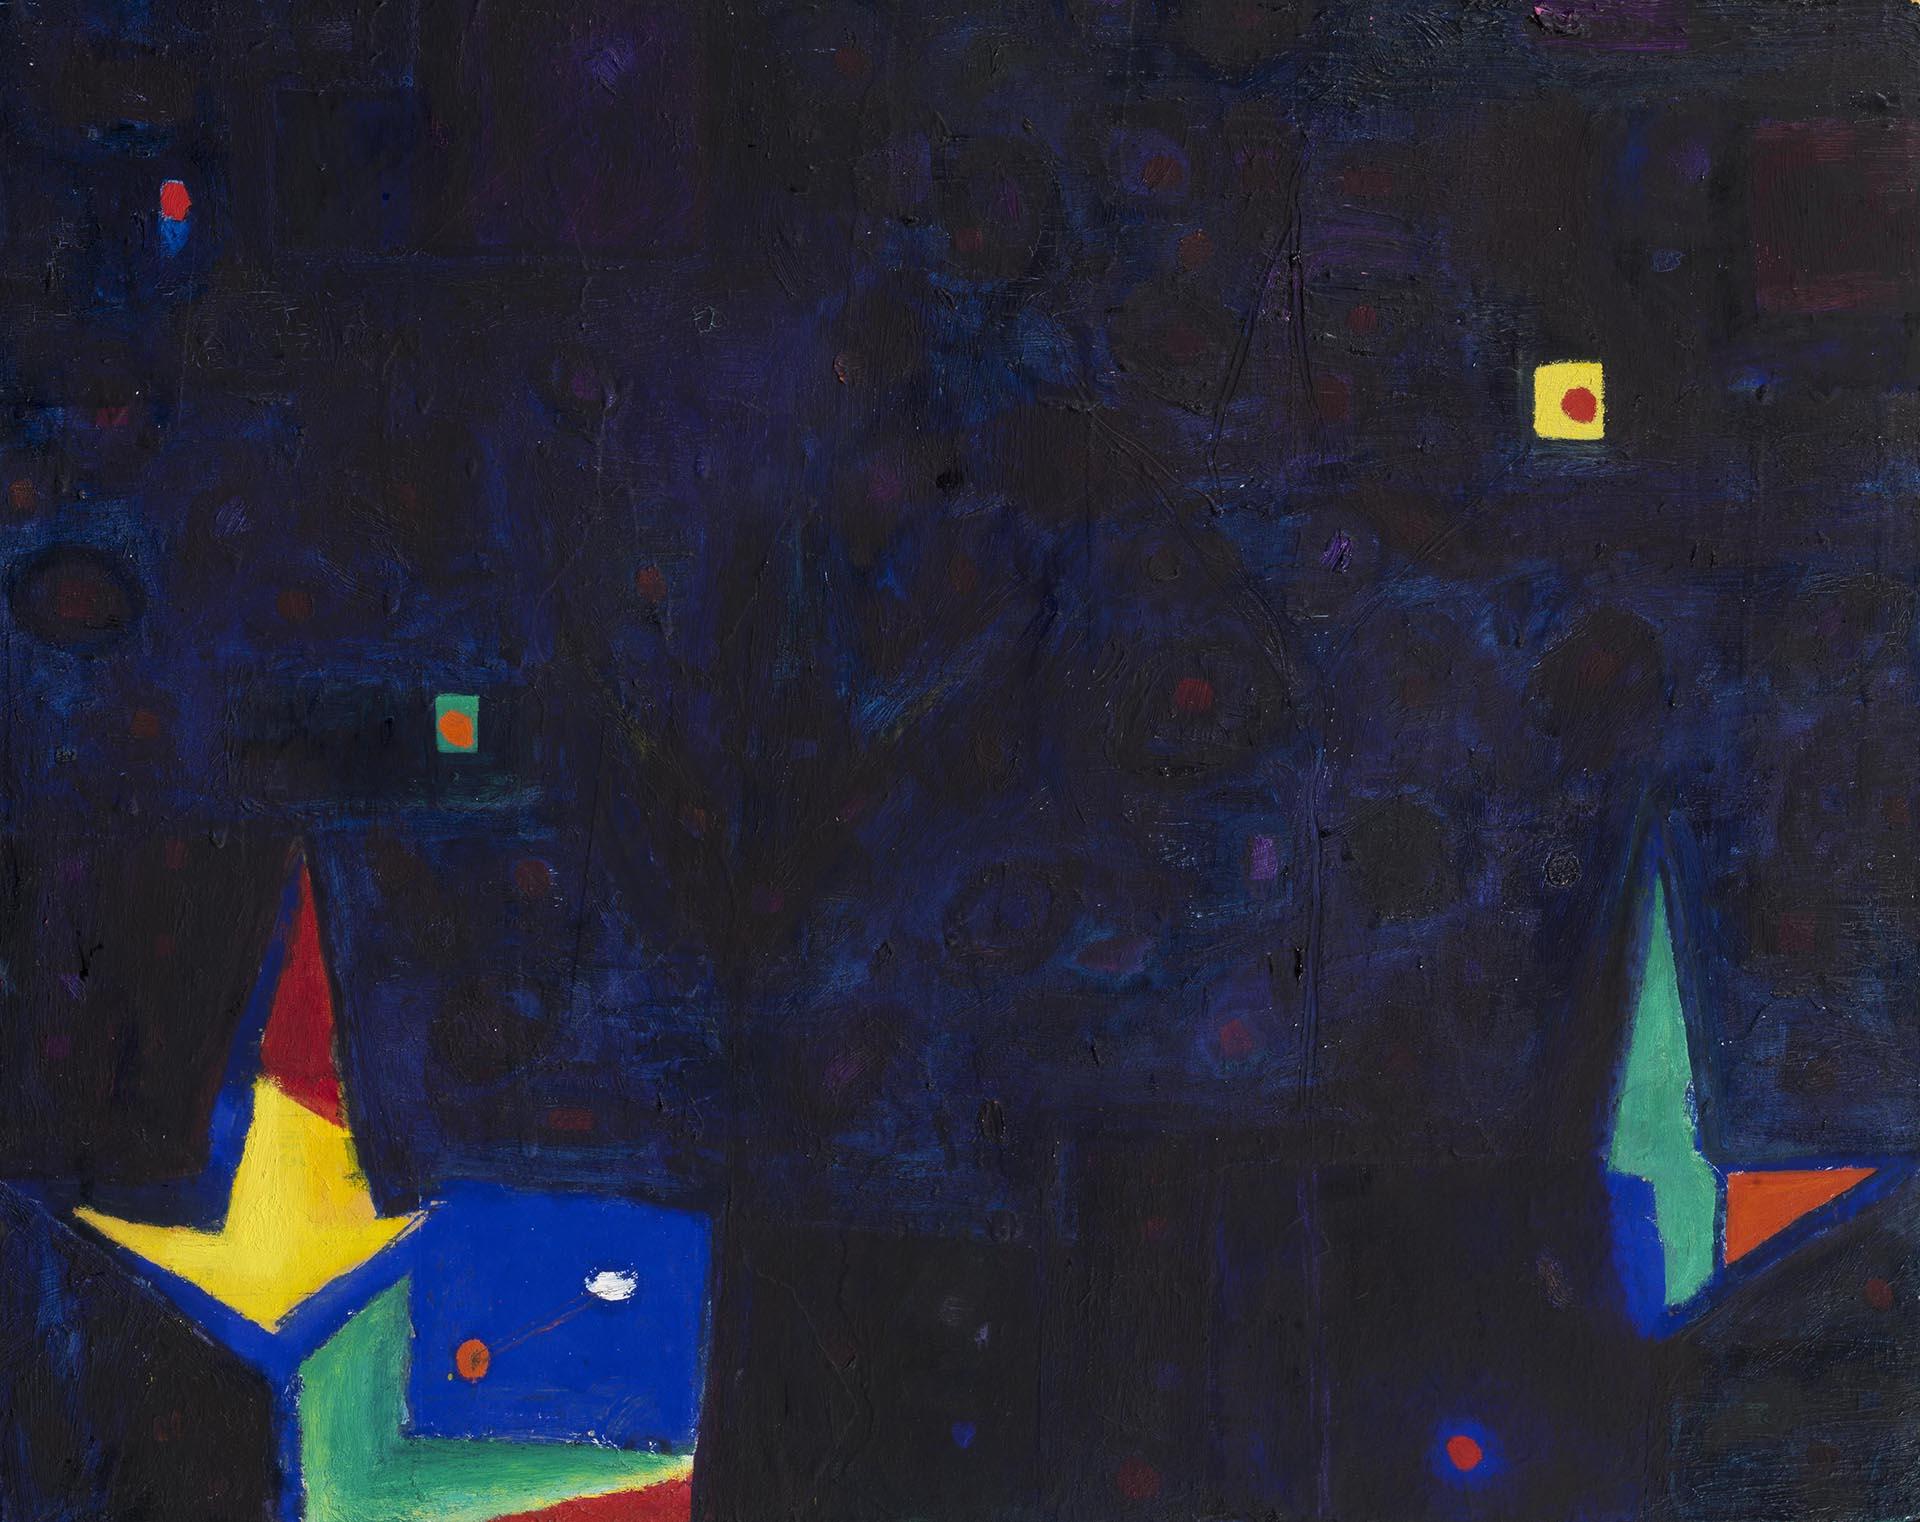 De Maria, 2 Fiori 2 Occhi, 1985, 40x50.3 cm